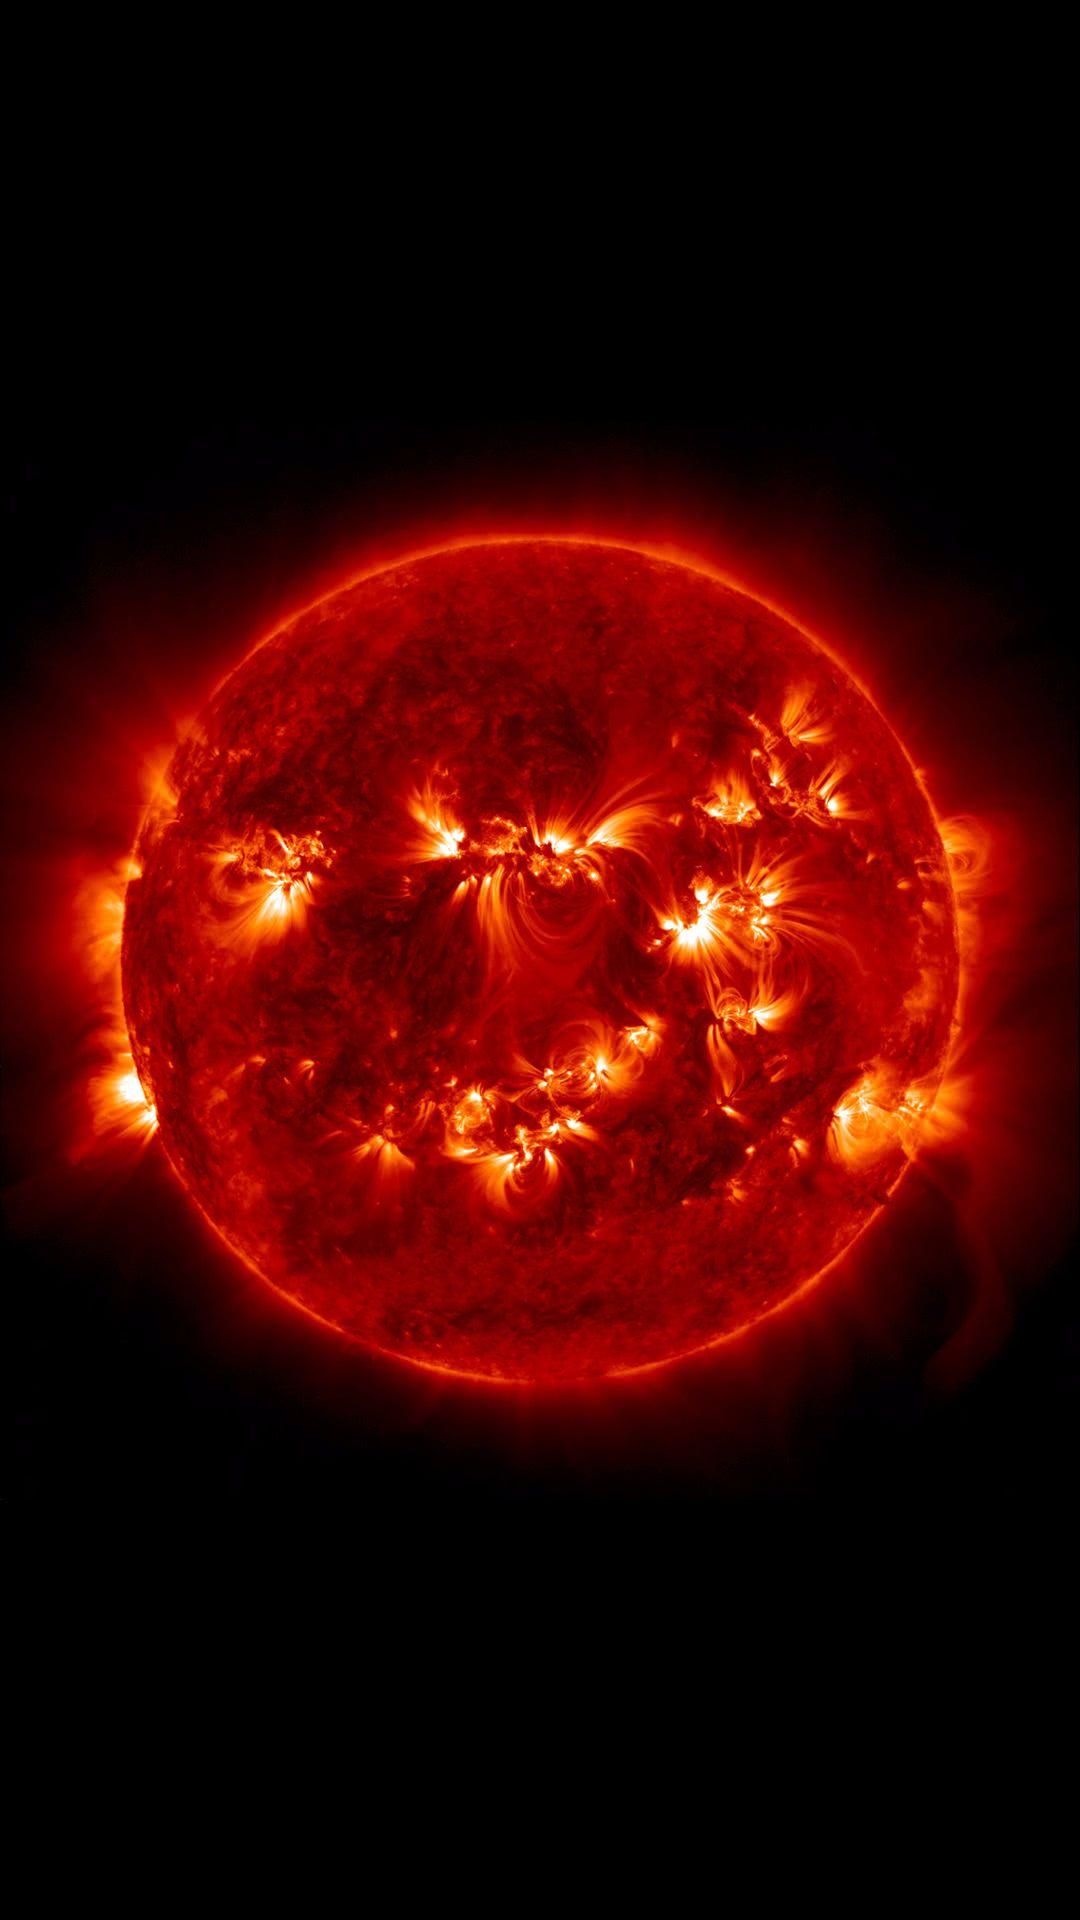 灼熱の太陽 | かっこいい宇宙のスマホ壁紙 | iphone7, スマホ壁紙/待受